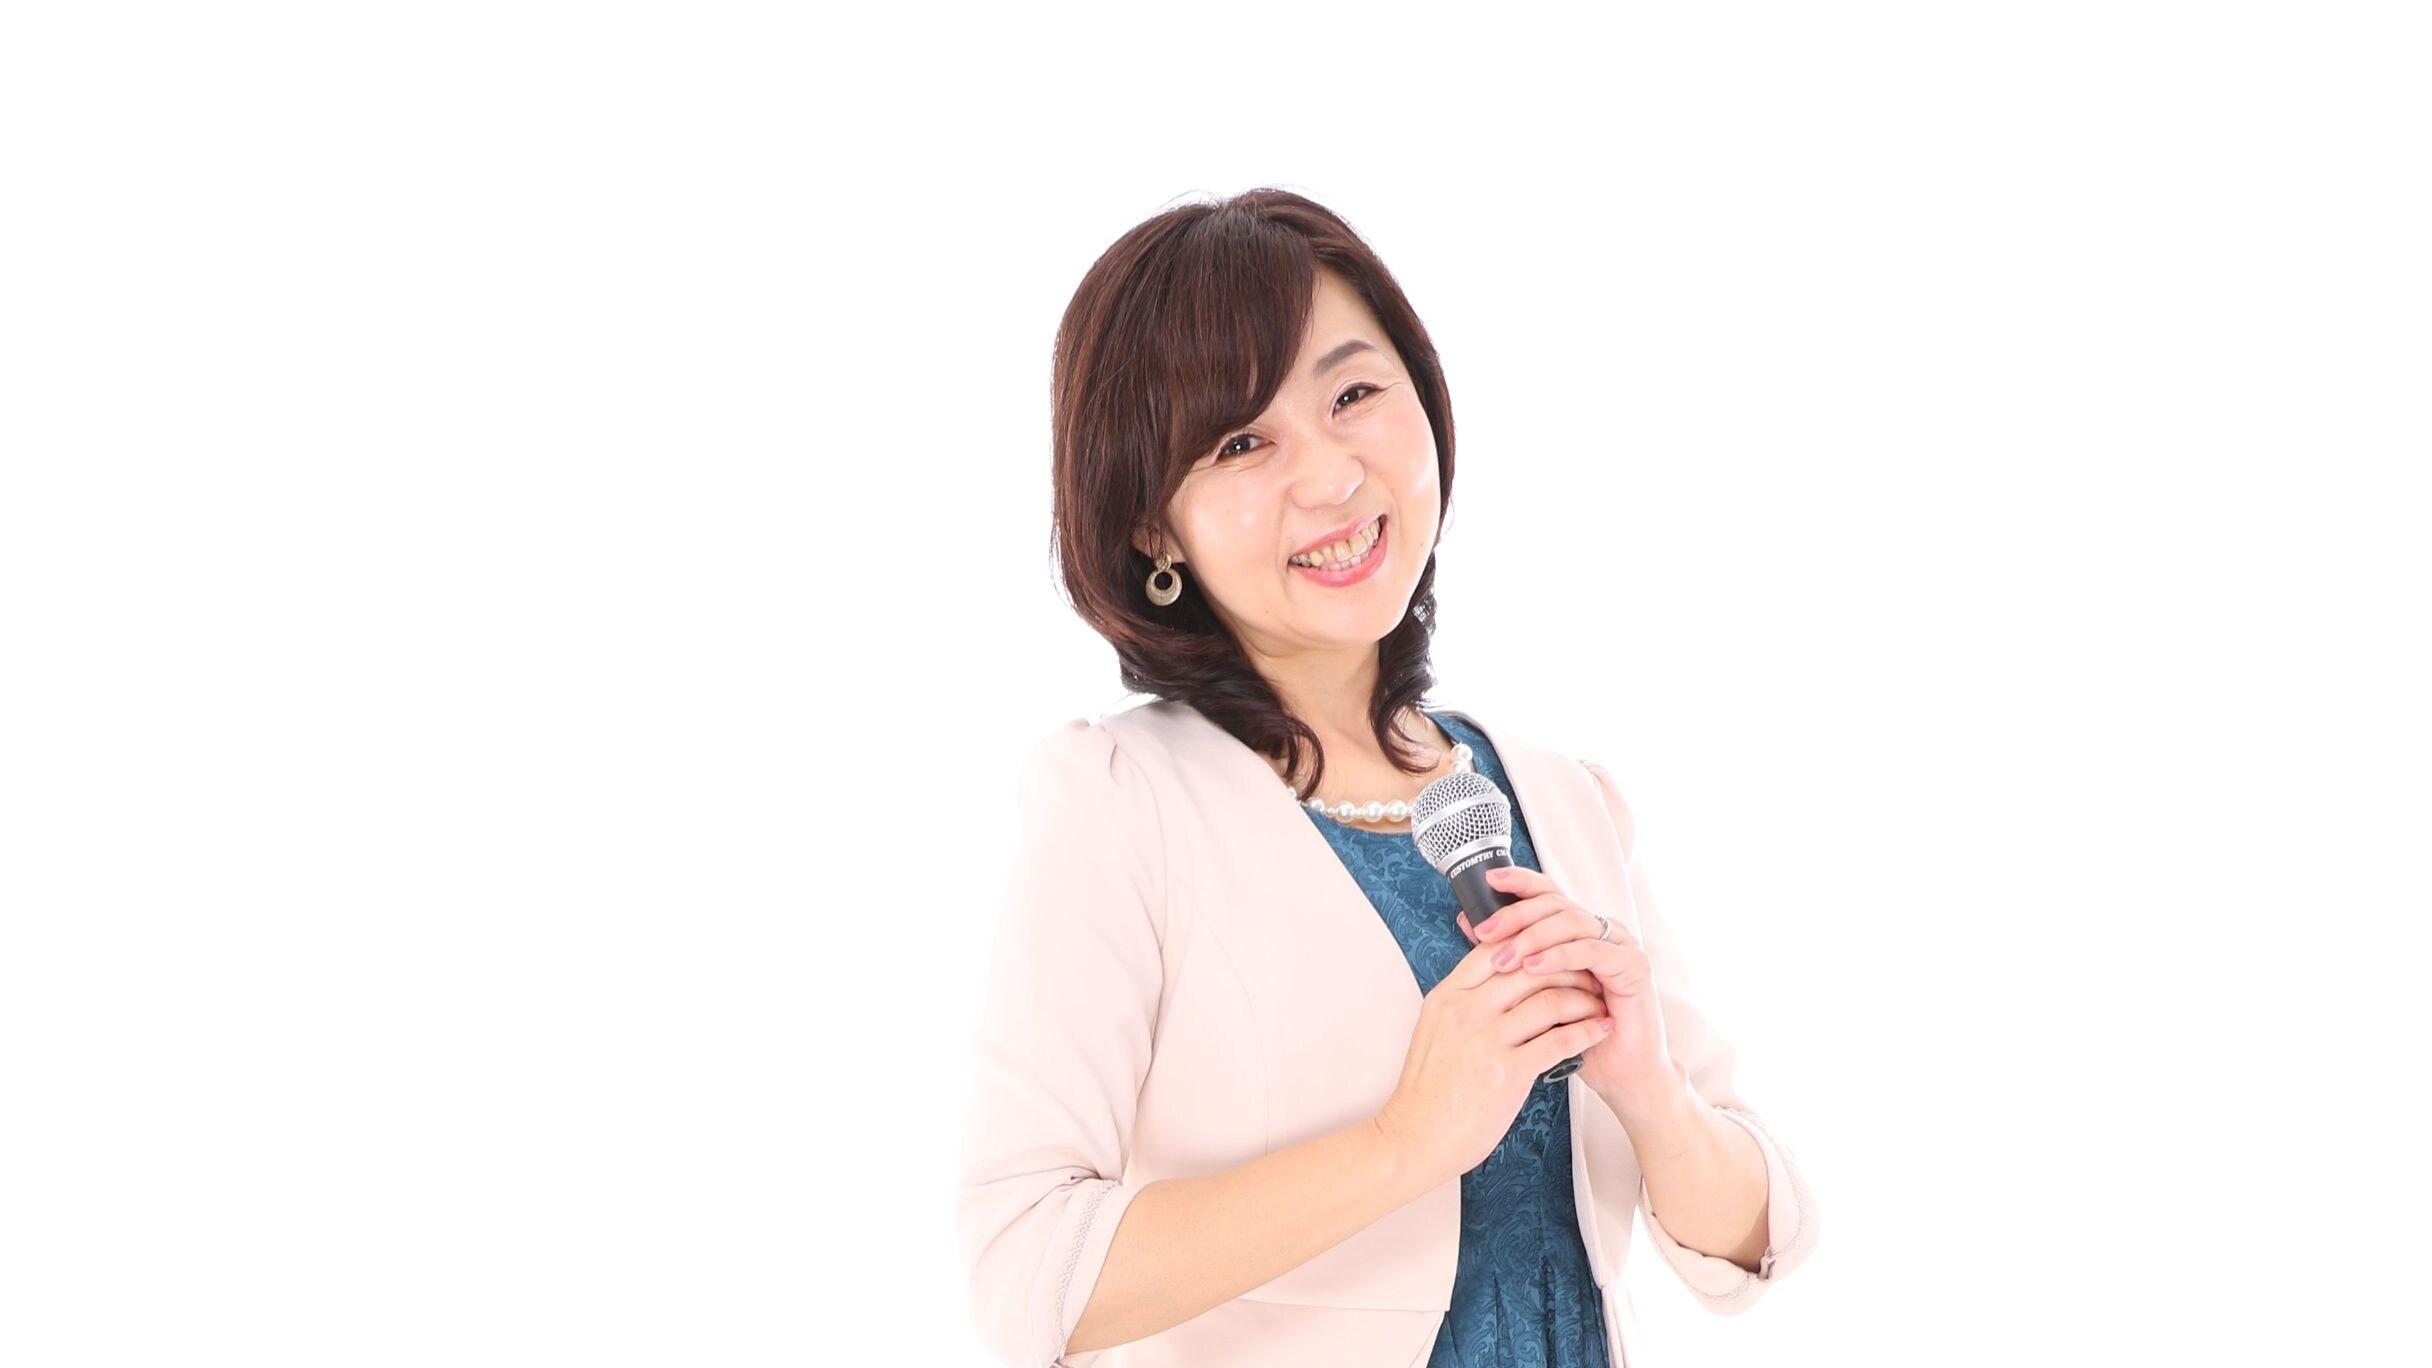 Office nanairo  宮城あかし〜司会・ナレーション・音声ギフト〜